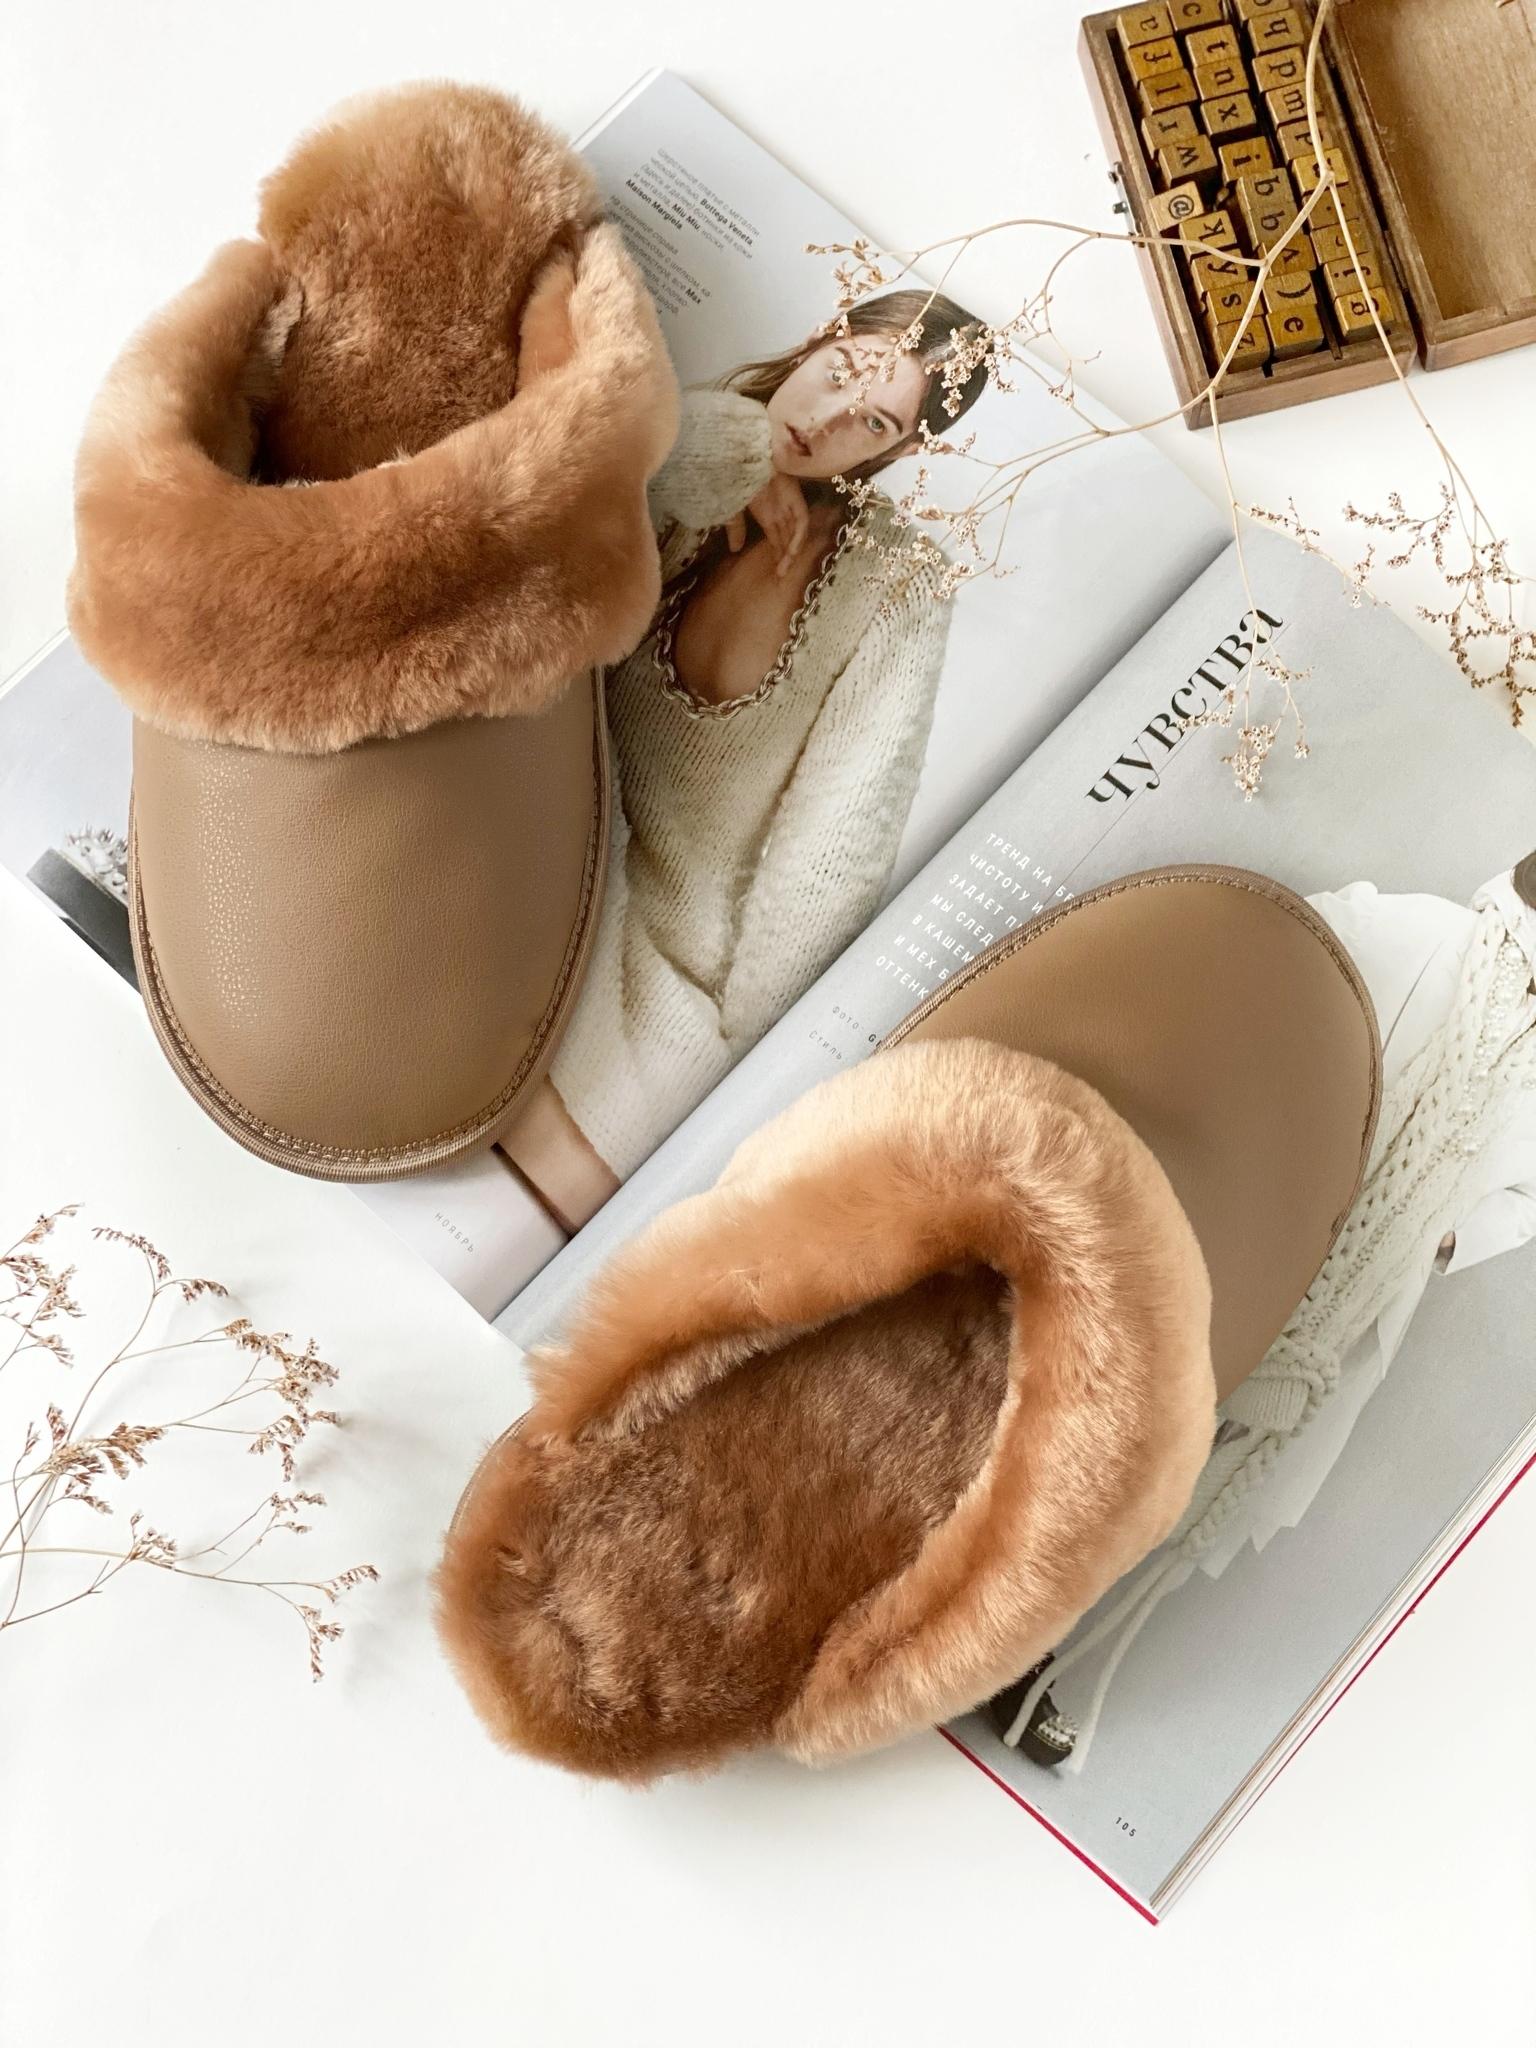 Меховые тапочки карамель закрытые с кожаным верхом карамельным (склад)